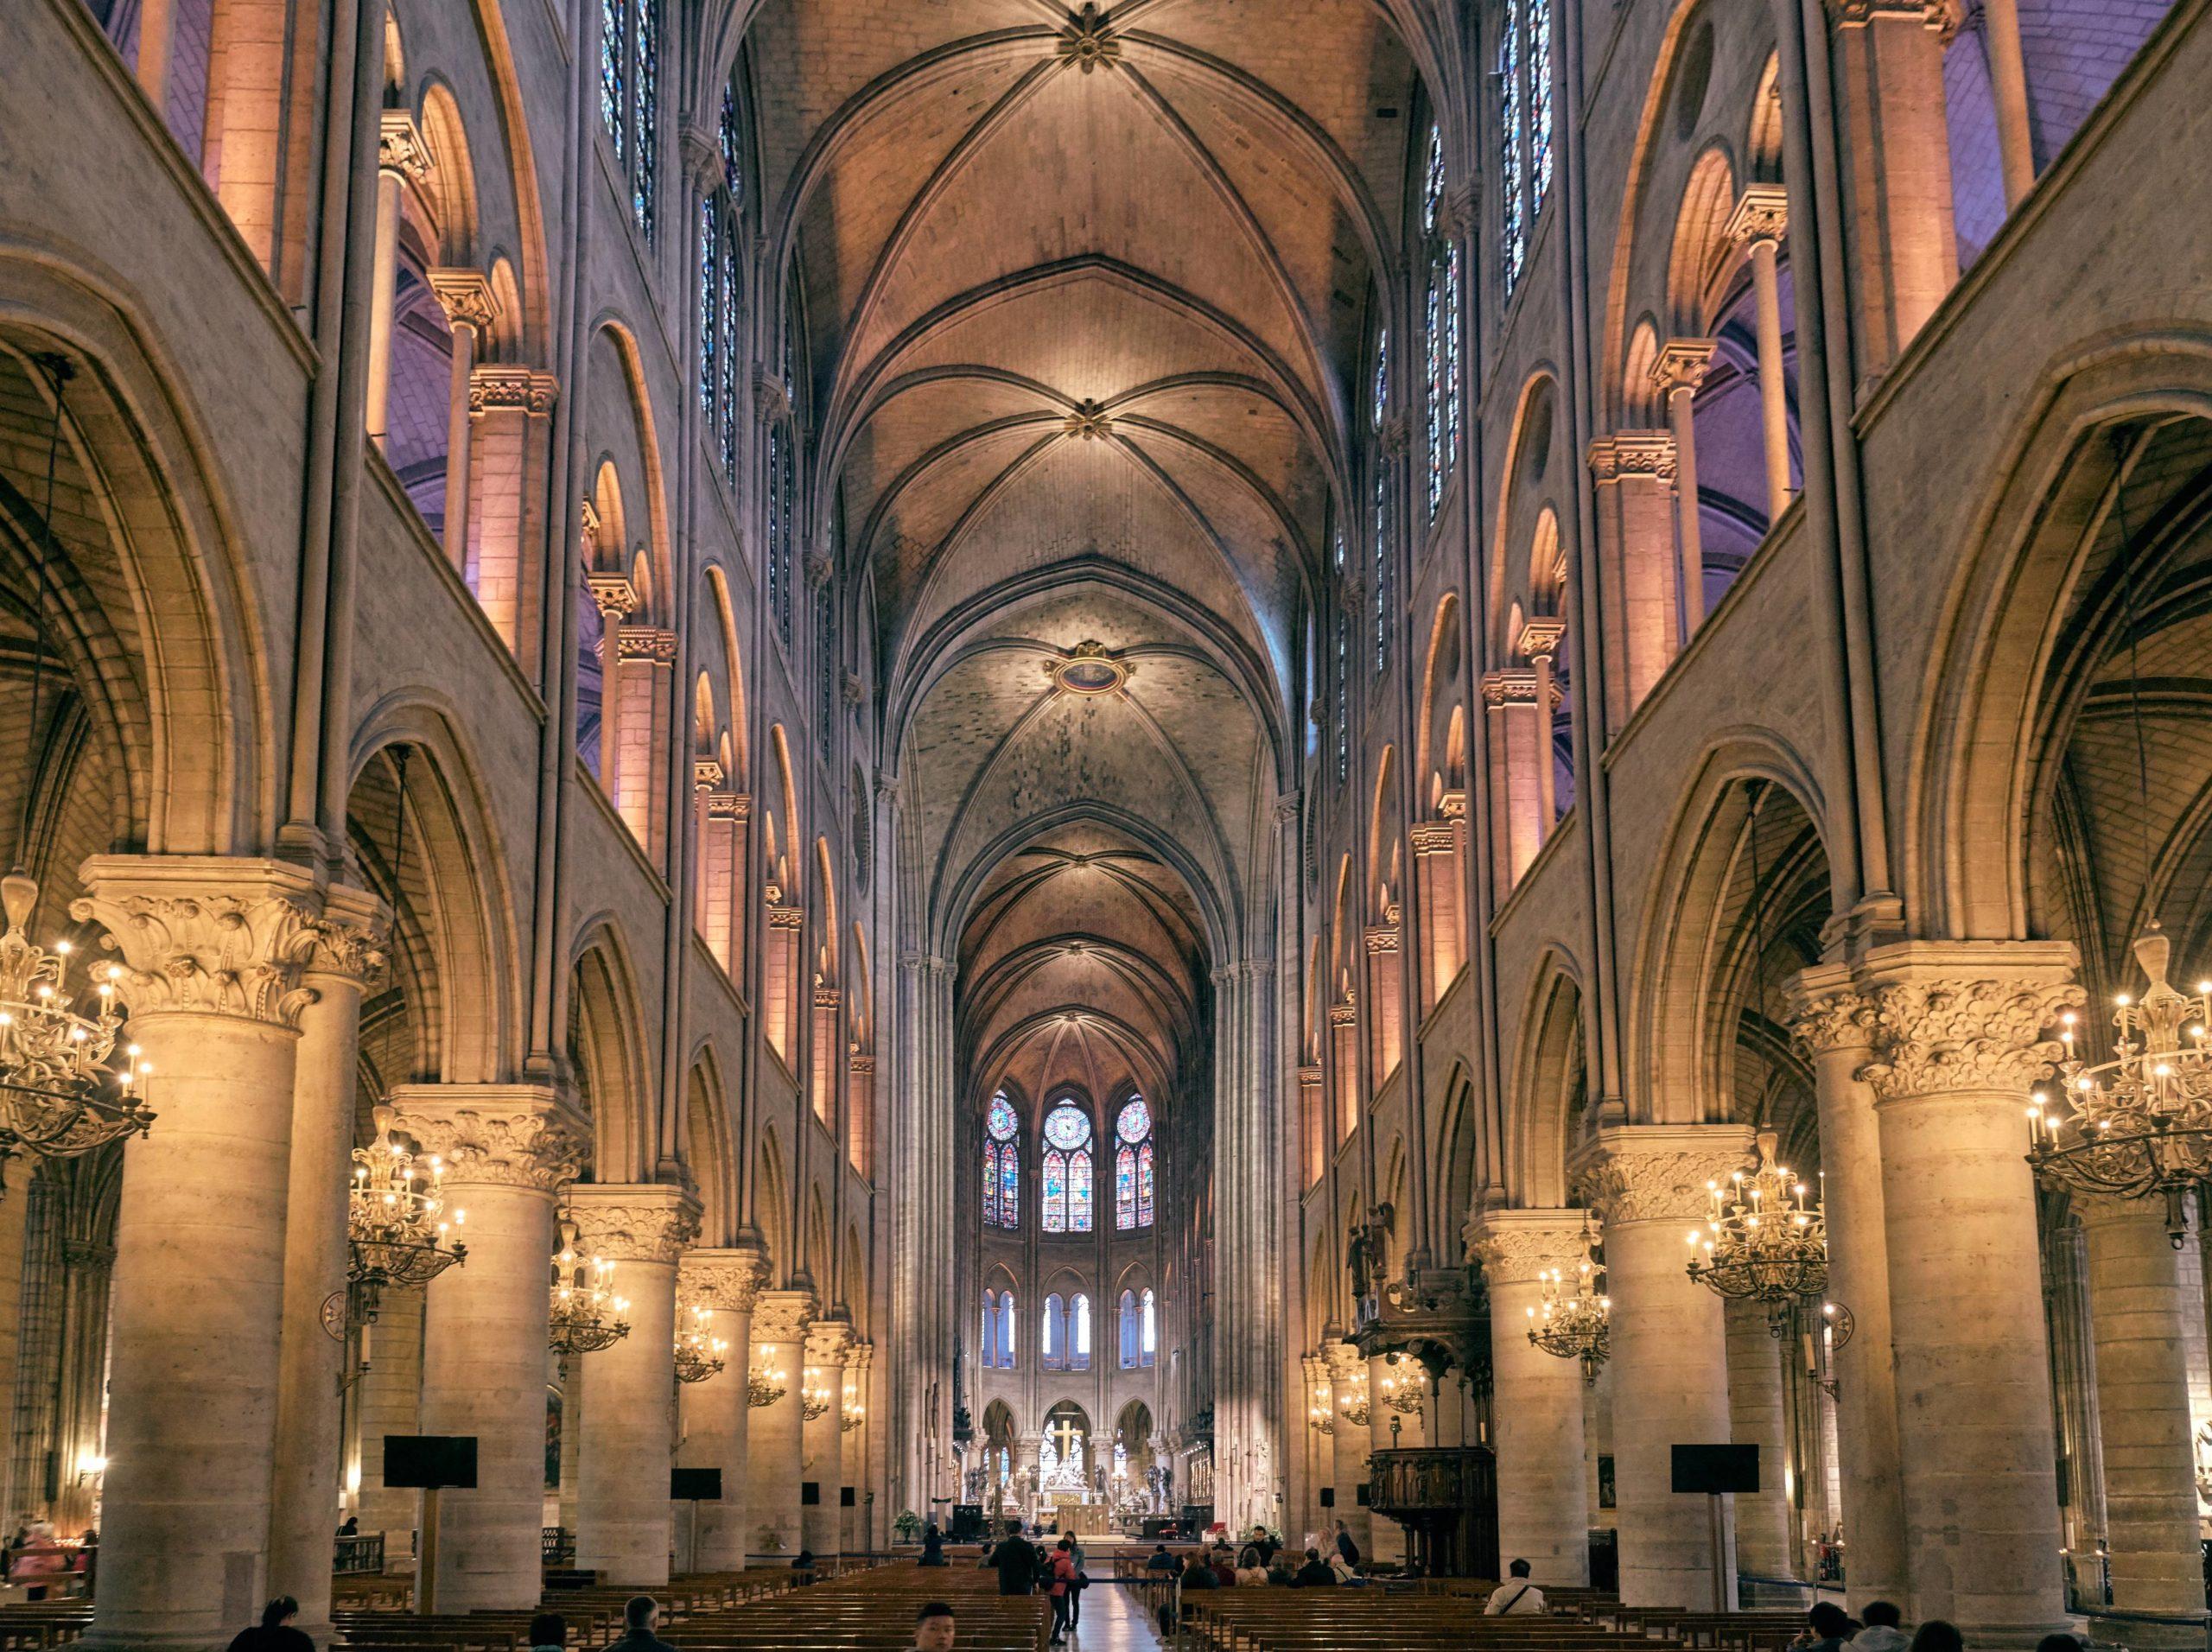 Cathedrale Notre-Dame de Paris © Pedro Szekely